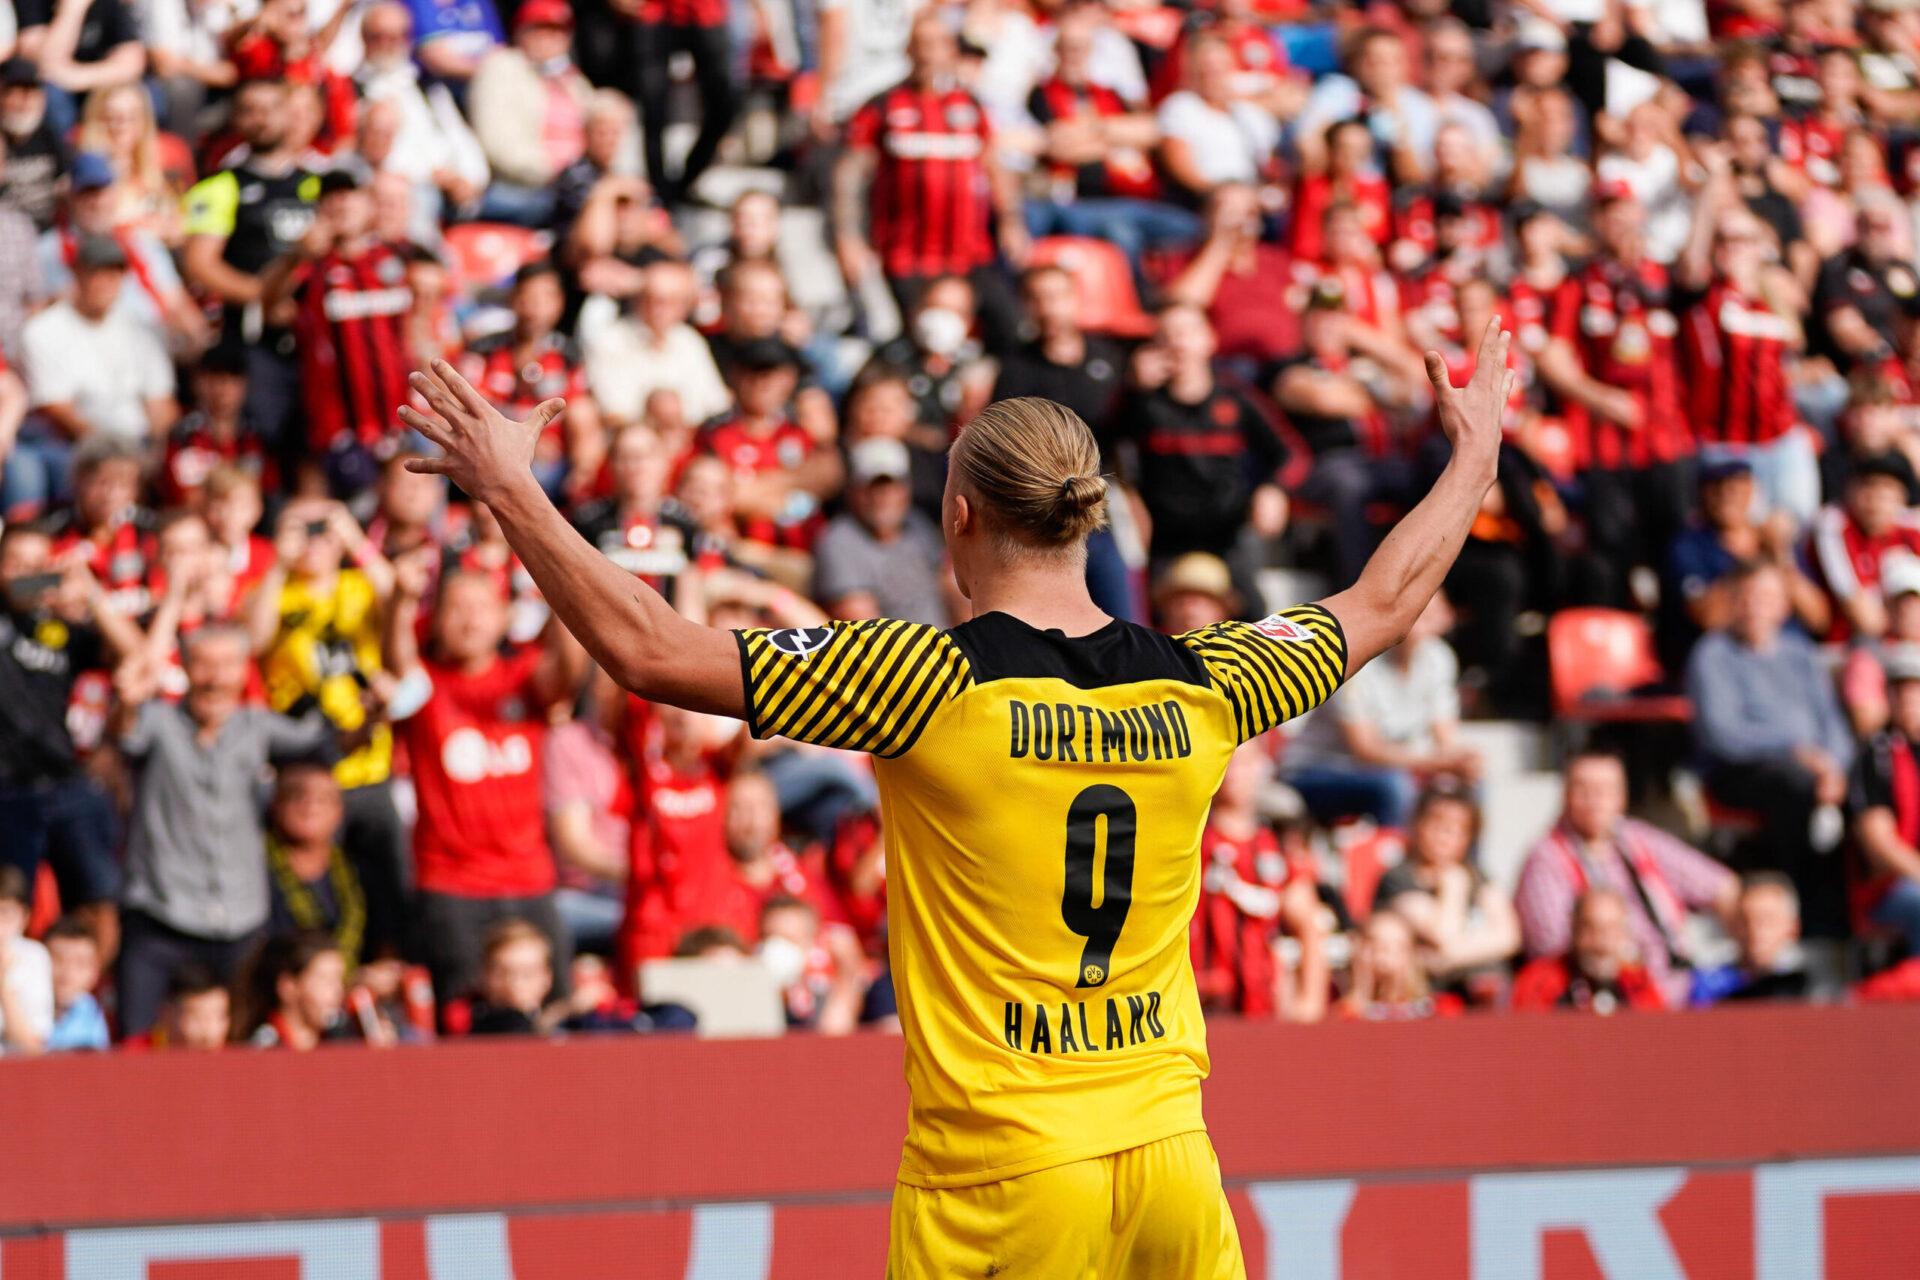 Erling Haaland lors du match entre le Bayer Leverkusen et le Borussia Dortmund, samedi 11 septembre (IconSport)